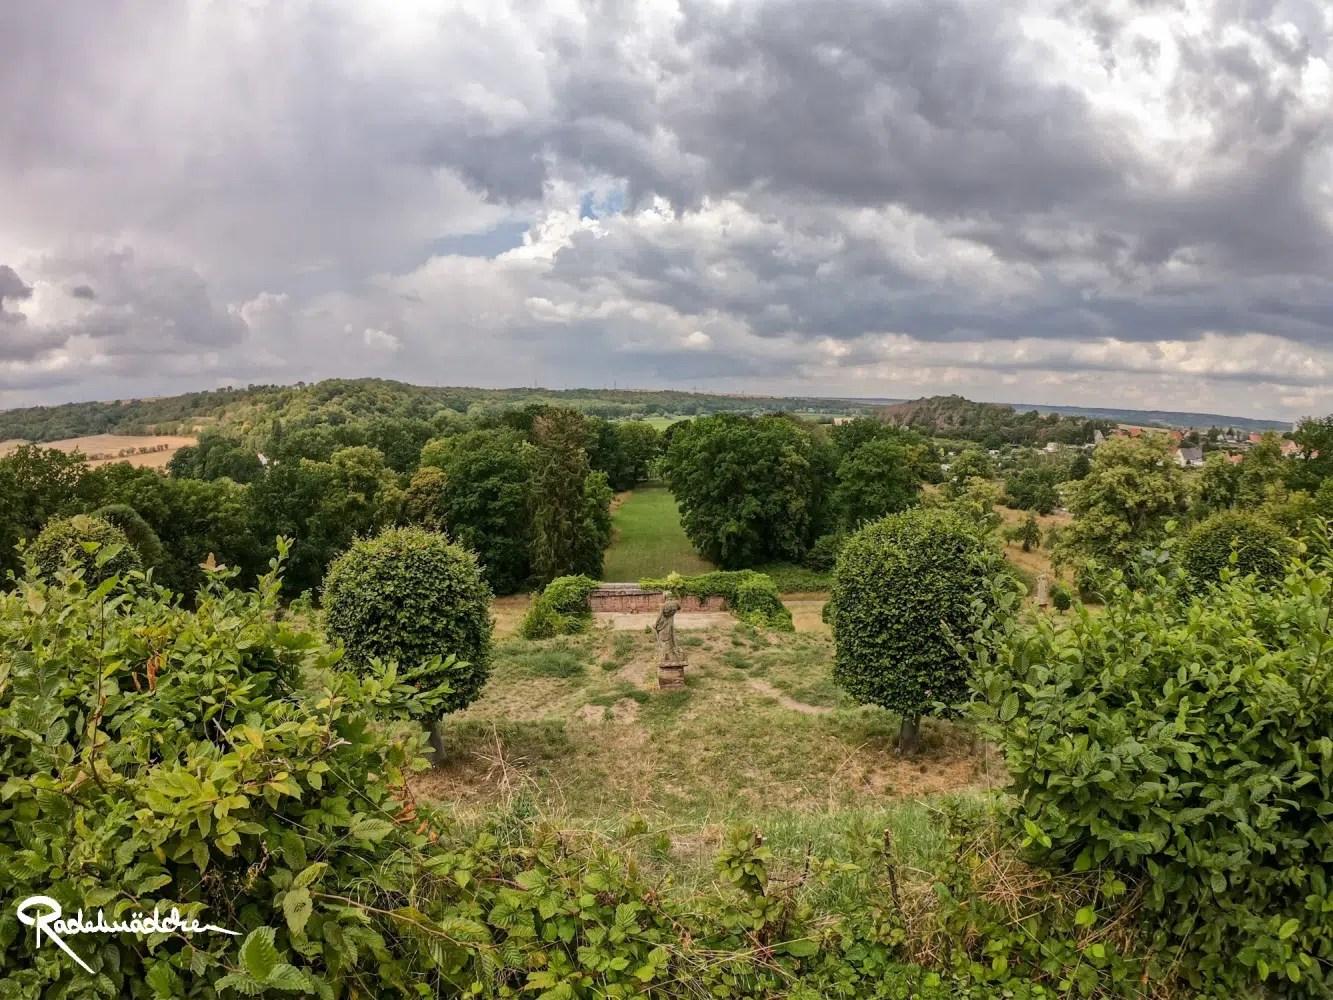 Unstrutradweg_Burgscheidungen Barockpark